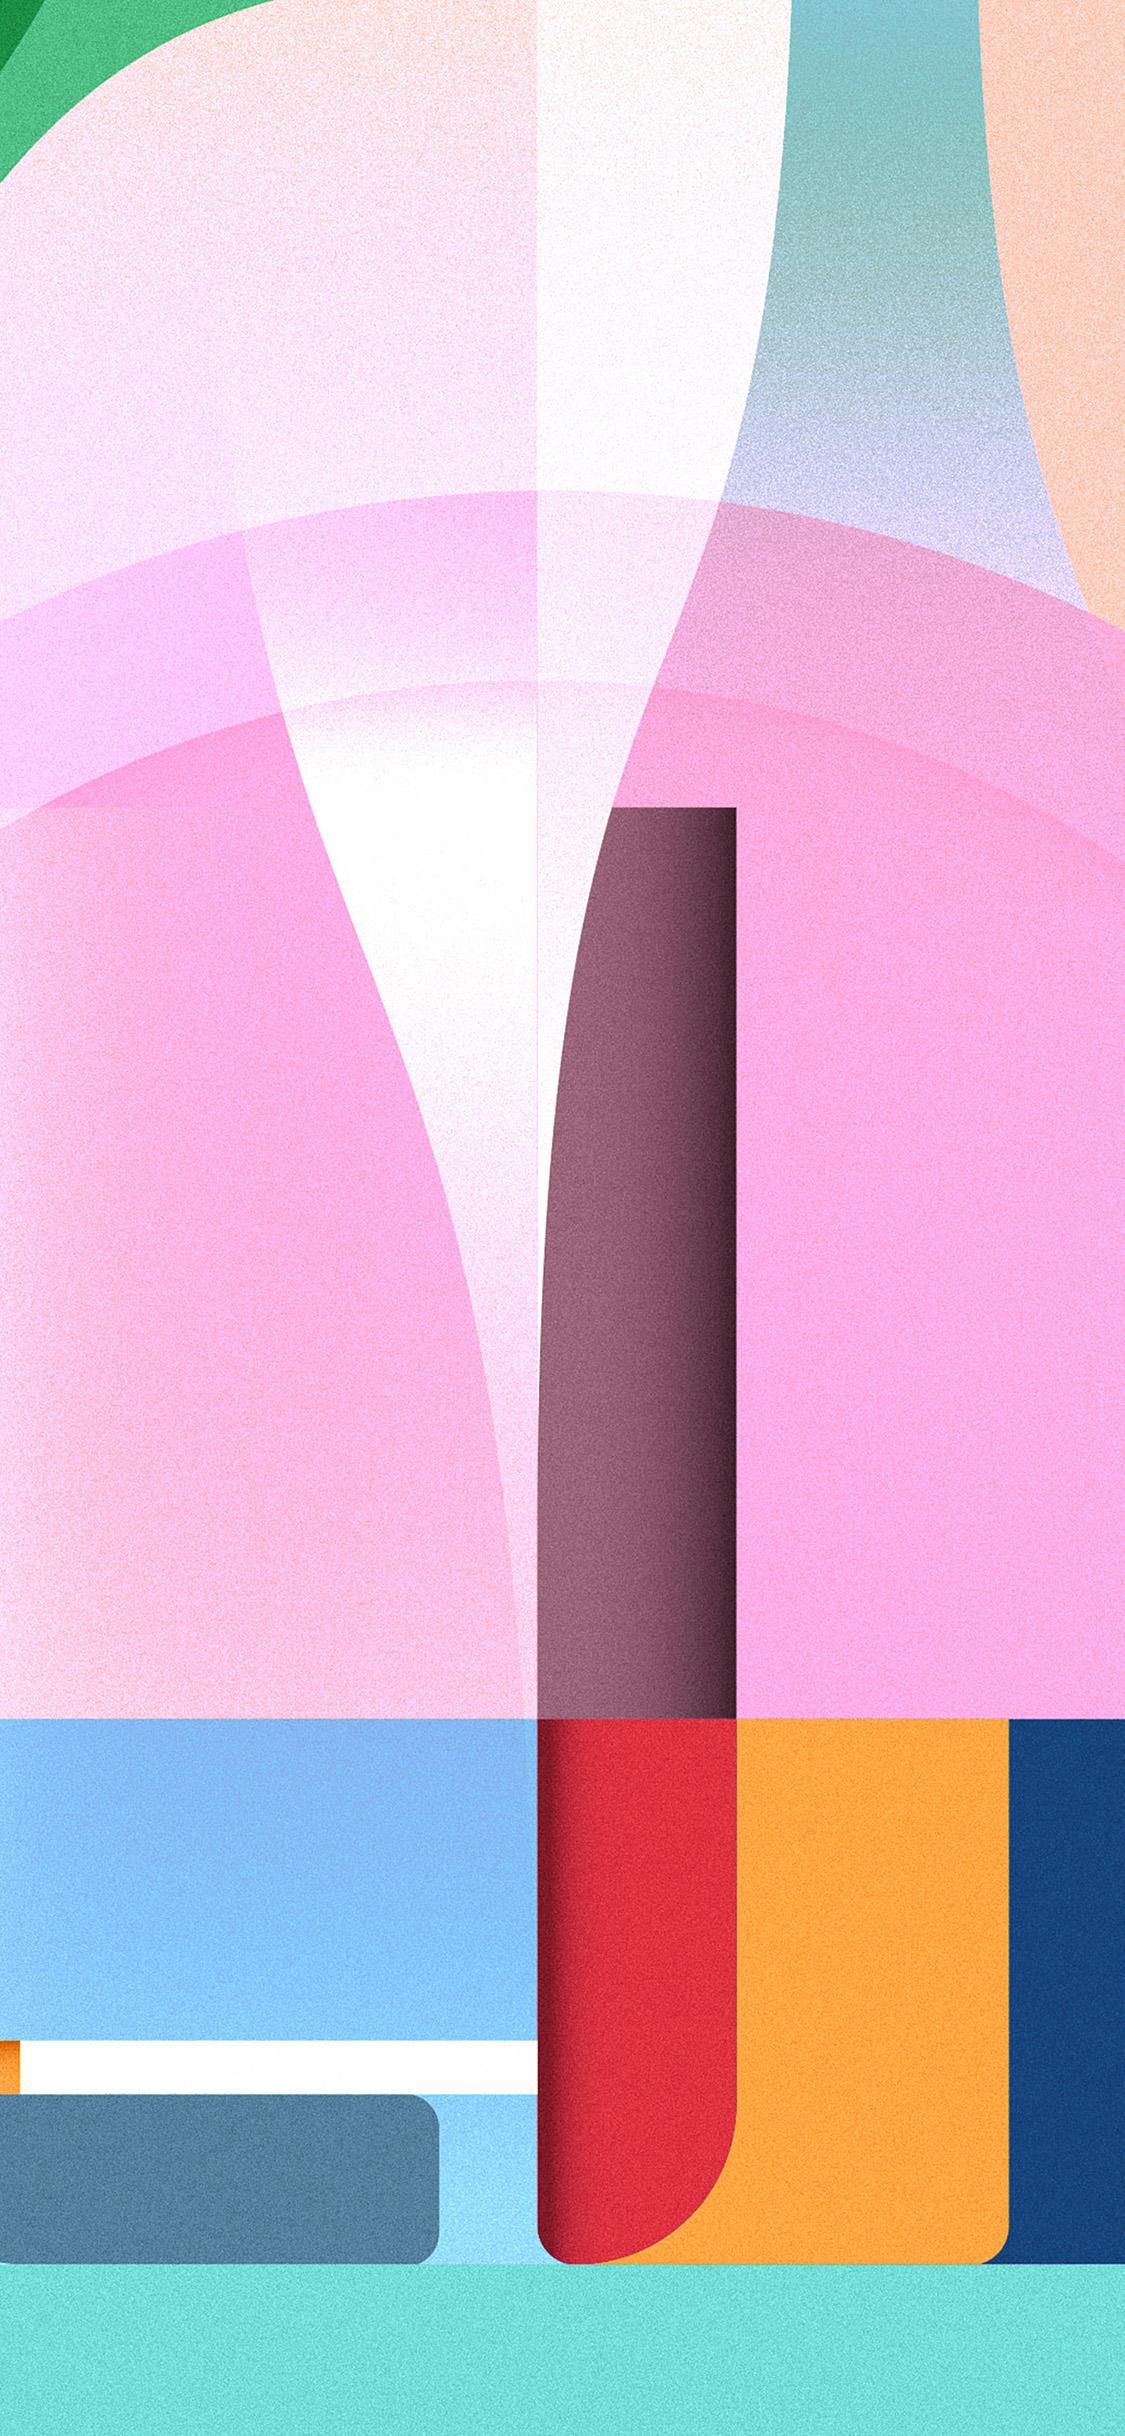 iPhonexpapers.com-Apple-iPhone-wallpaper-bk49-art-color-poster-digital